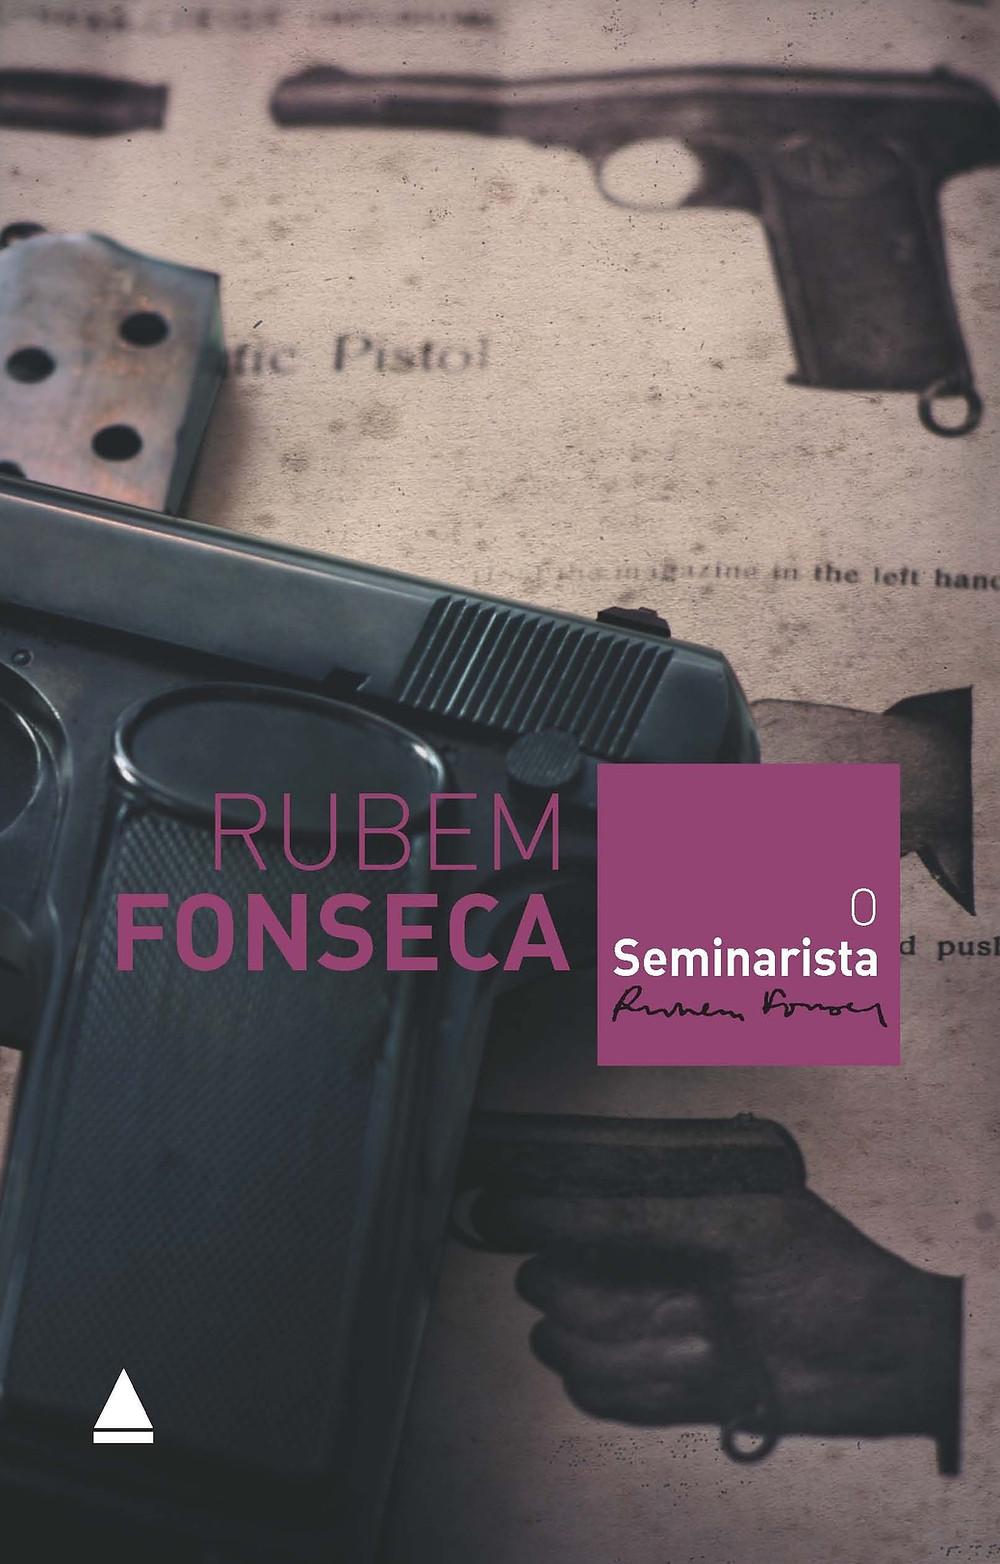 O Seminarista de Rubem Fonseca